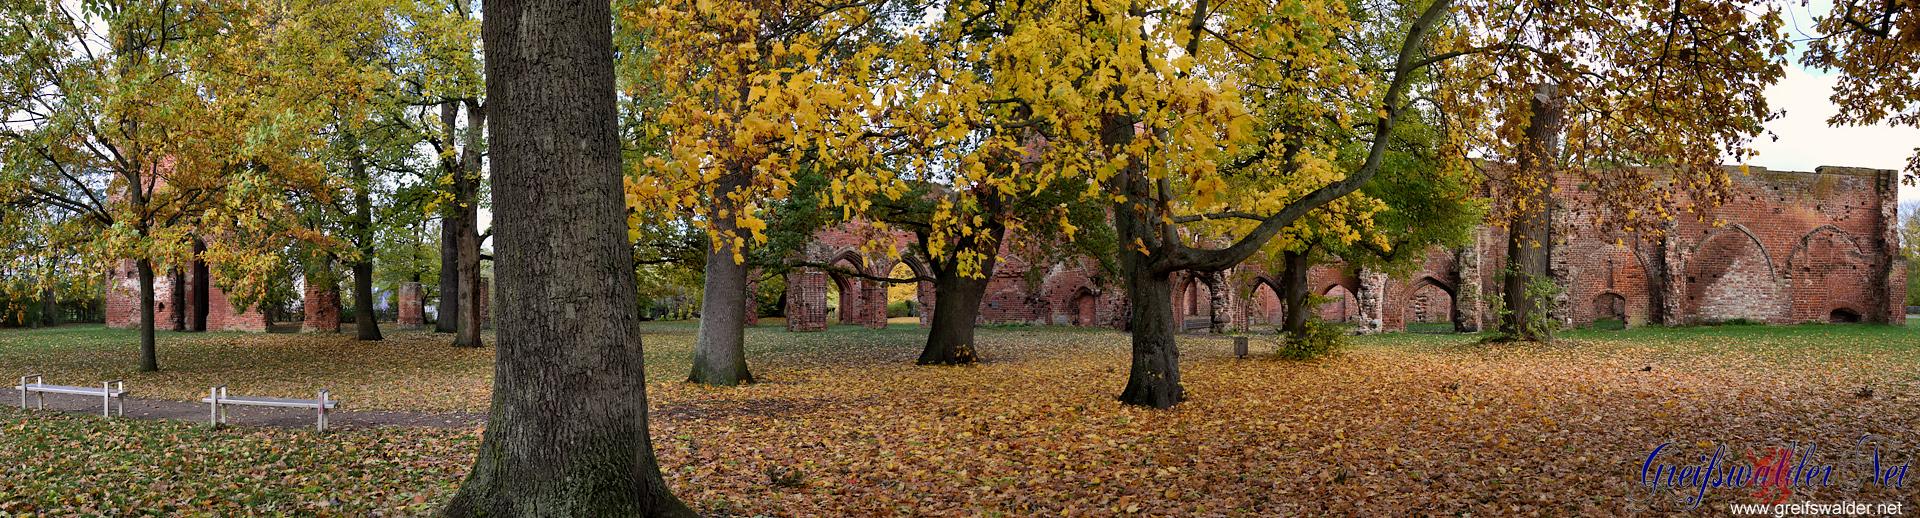 Herbstliches Panorama in der Klosterruine in Greifswald-Eldena